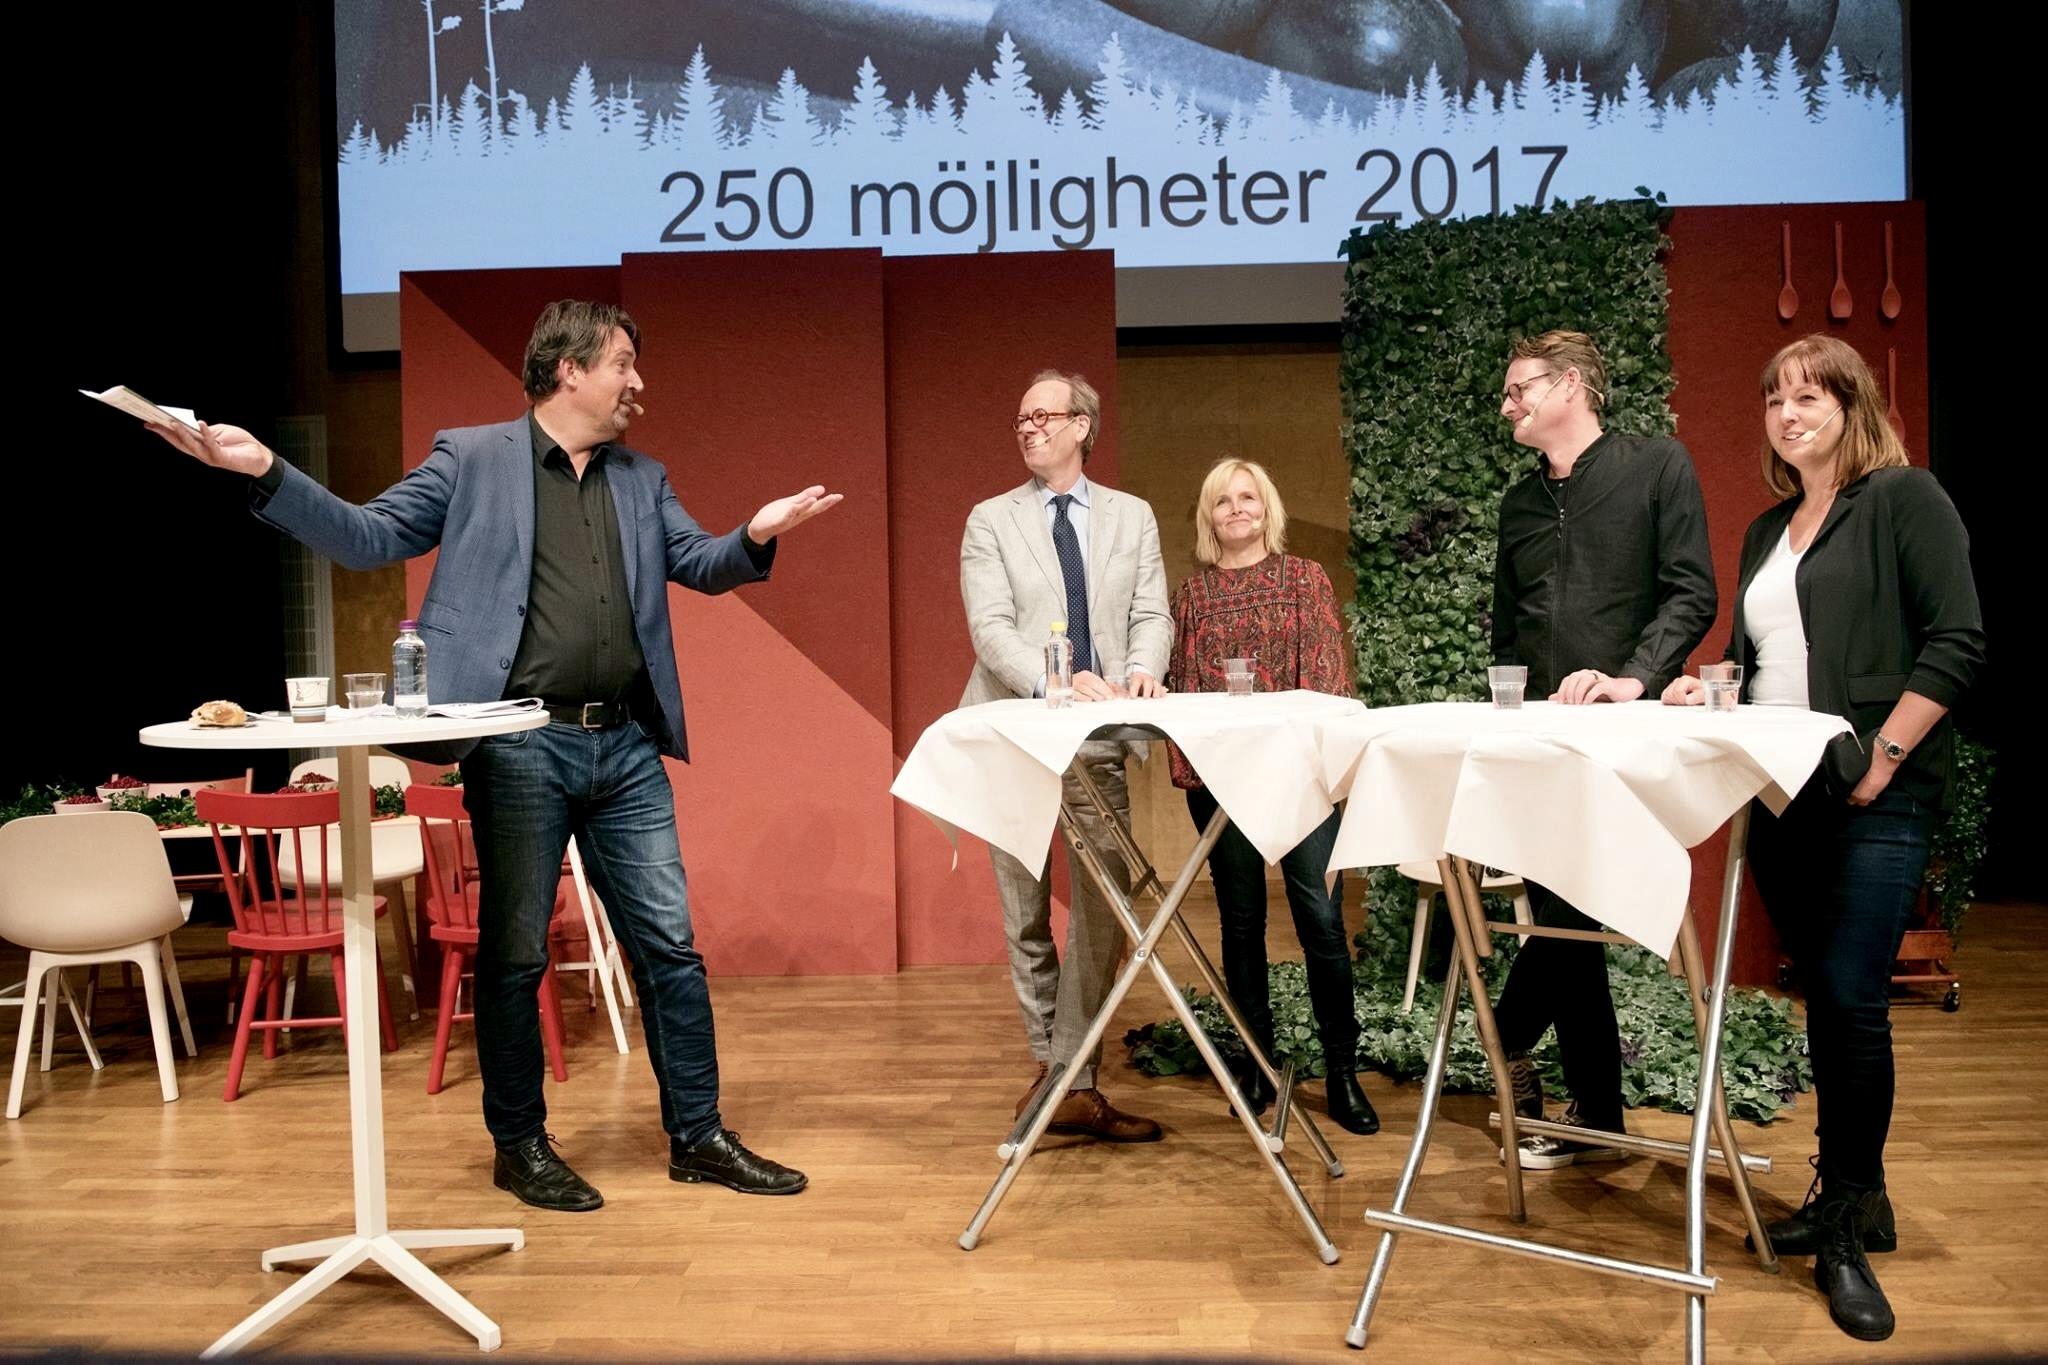 Kan verkligen hela Sverige leva var rubriken på detta panelsamtal i samband med konferensen 250 möjligheter 2017